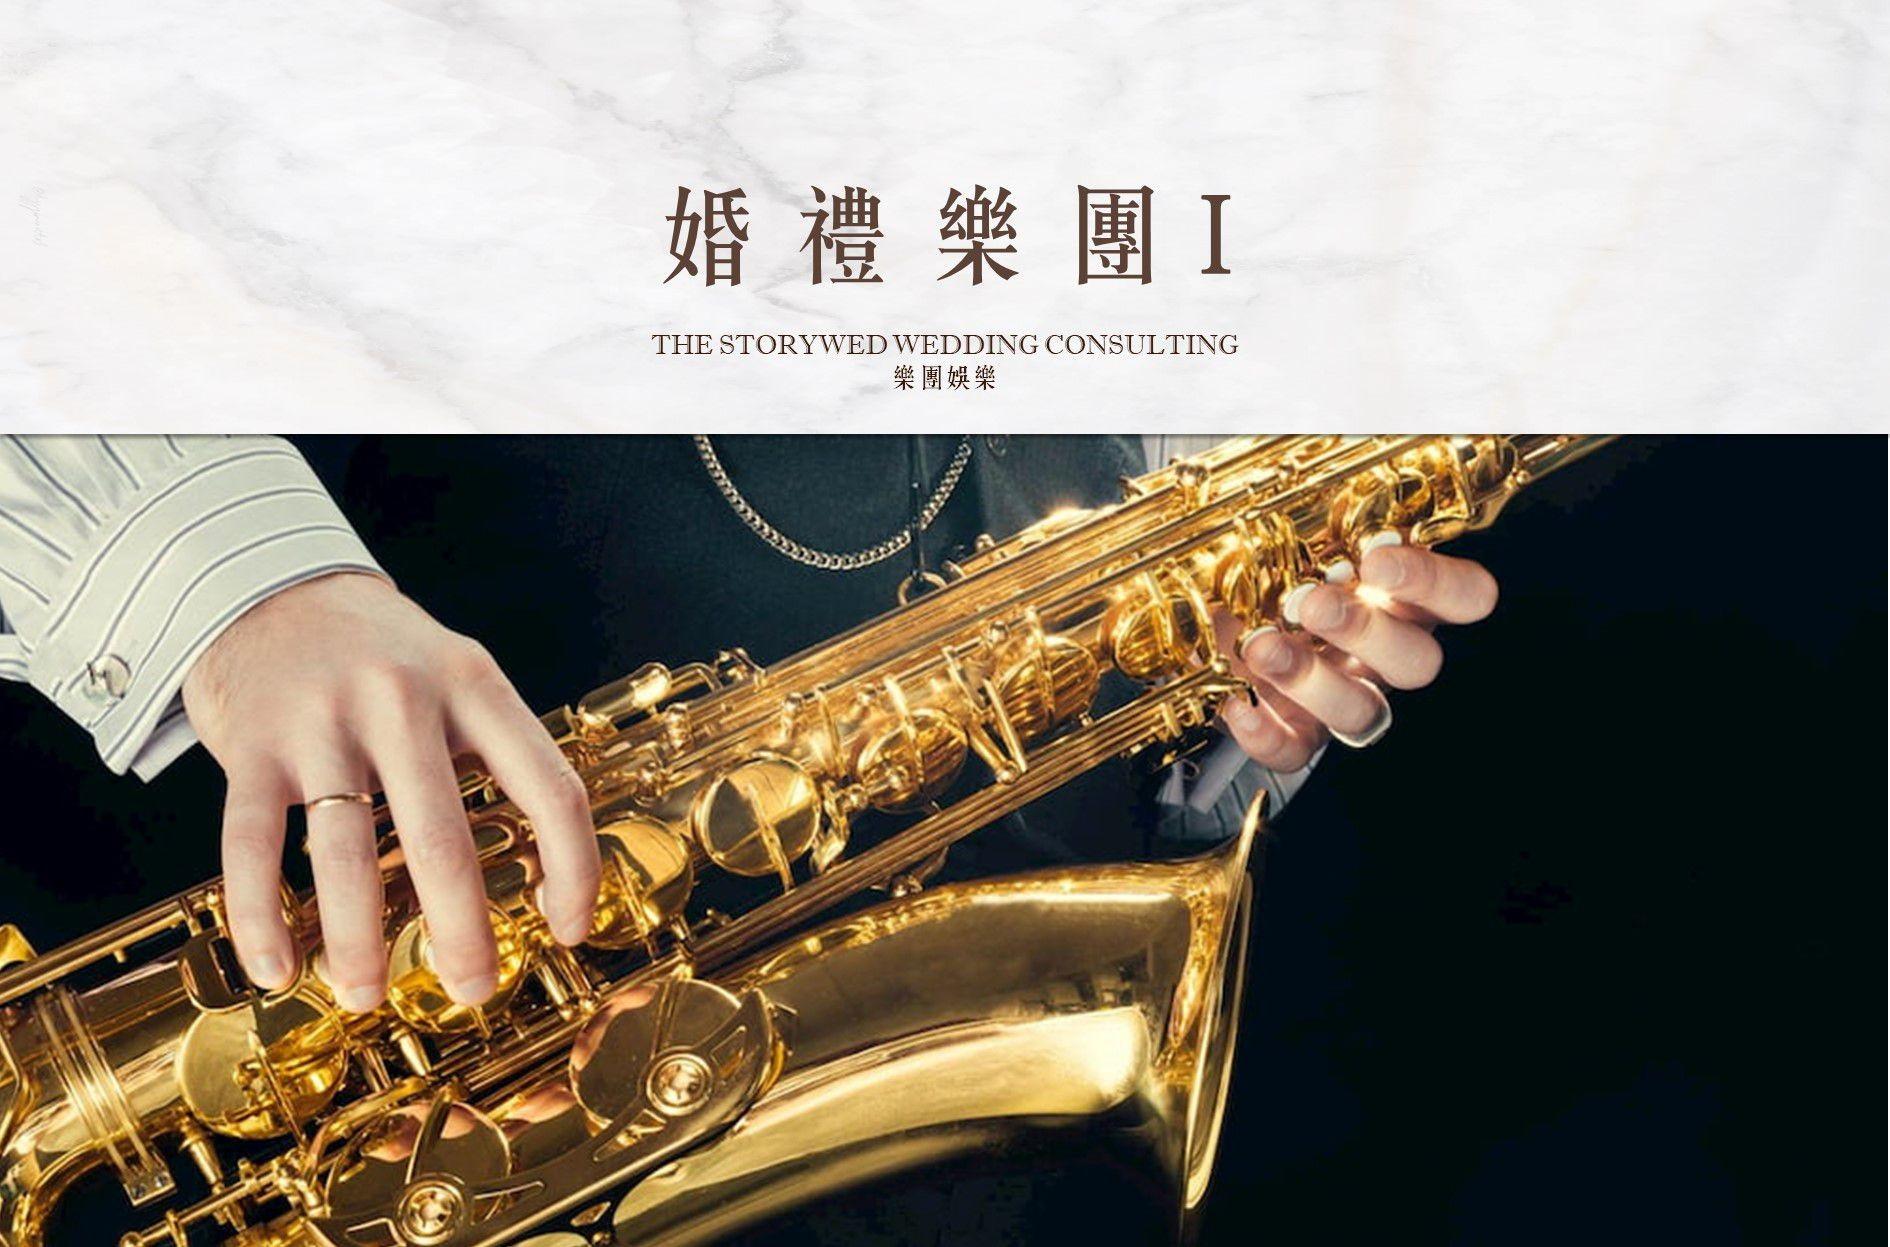 〖婚禮樂團〗Ⅰ - 台北樂團,外籍&本籍音樂家完美演出